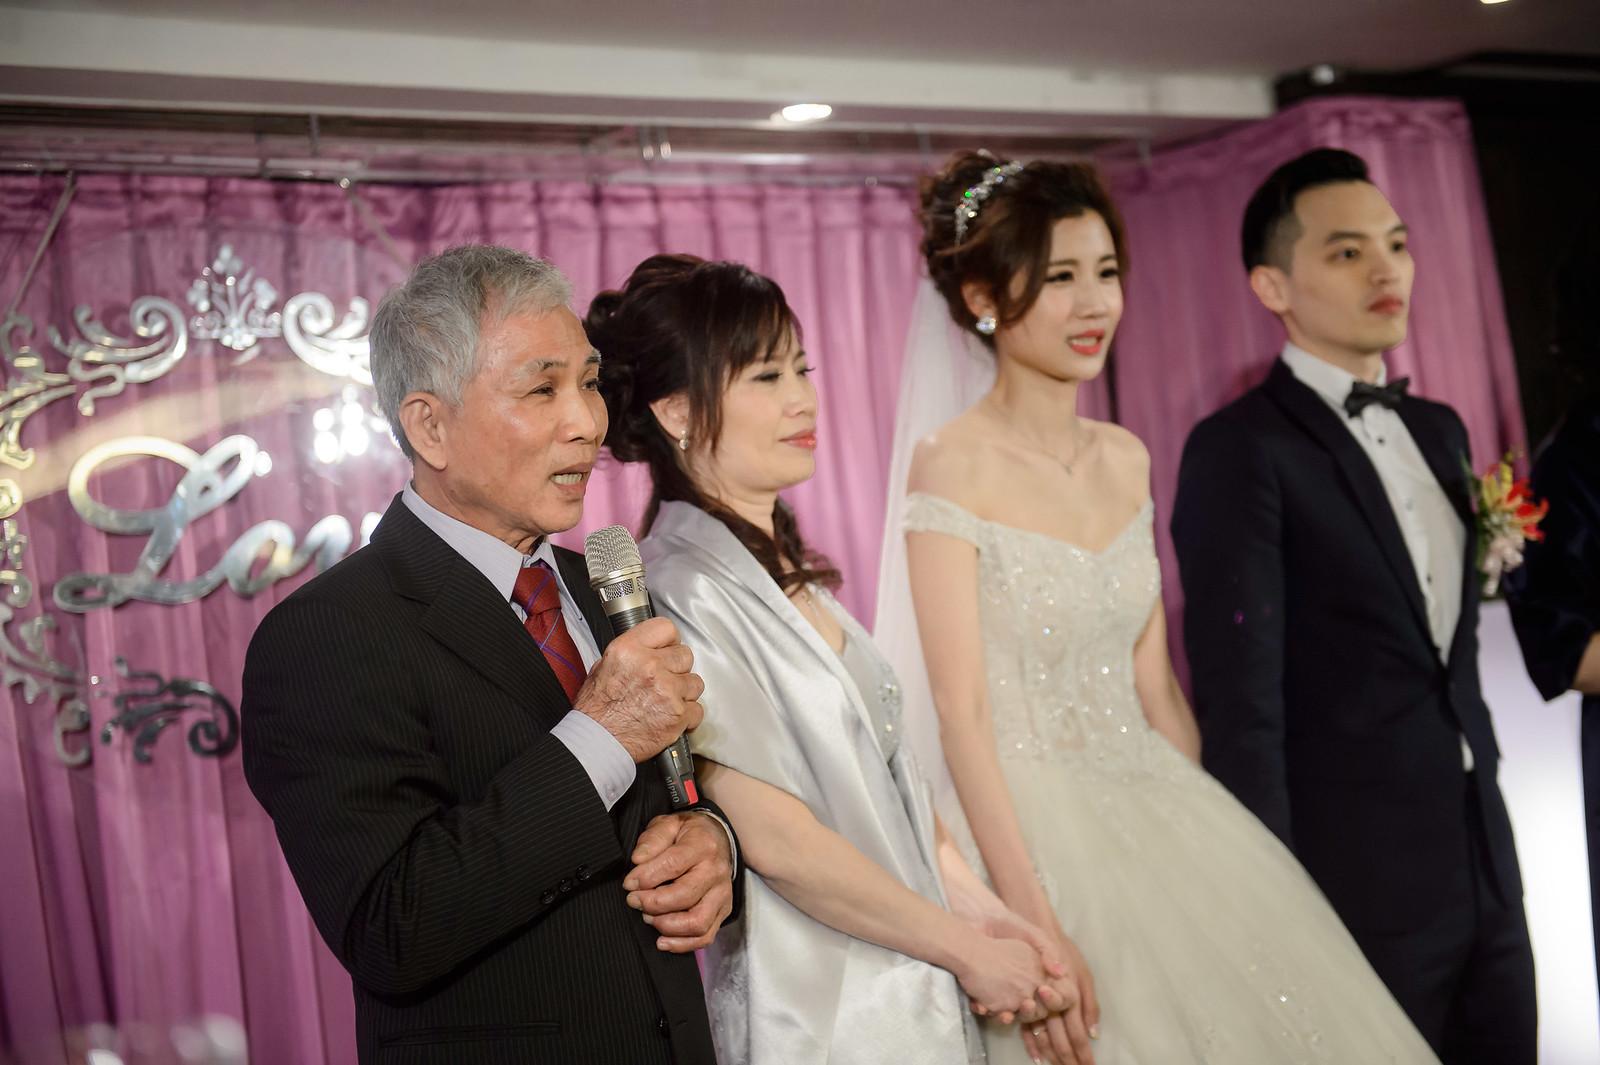 台北婚攝, 婚禮攝影, 婚攝, 婚攝守恆, 婚攝推薦, 晶華酒店, 晶華酒店婚宴, 晶華酒店婚攝-78